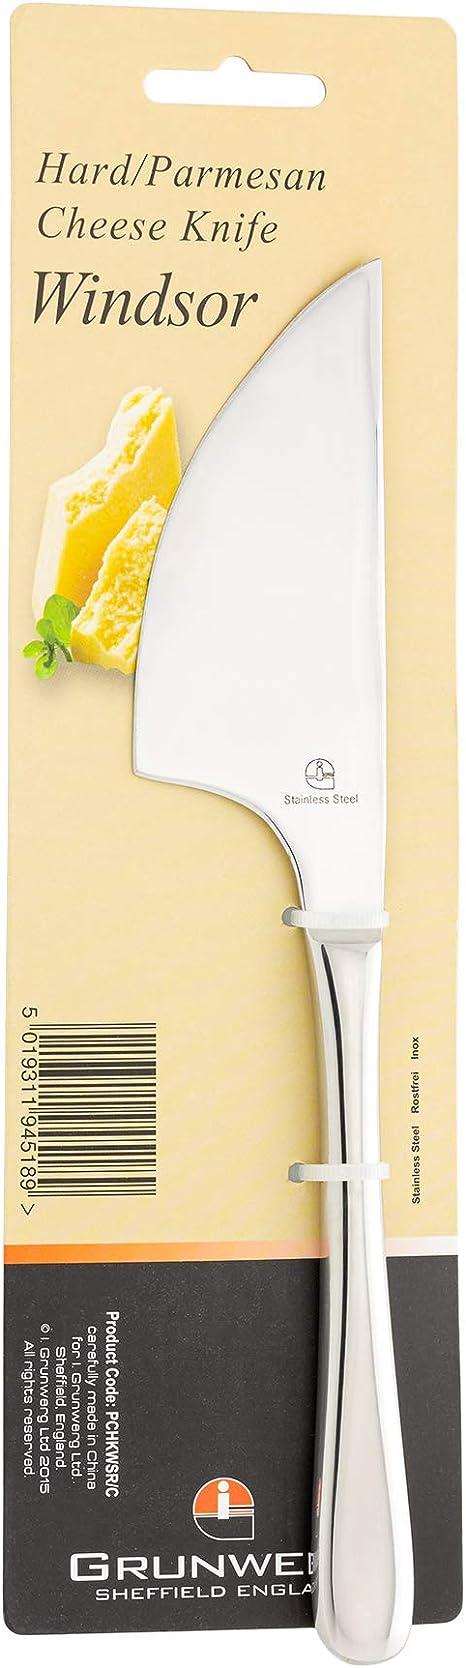 Grunwerg Windsor fromage couteau en acier inoxydable